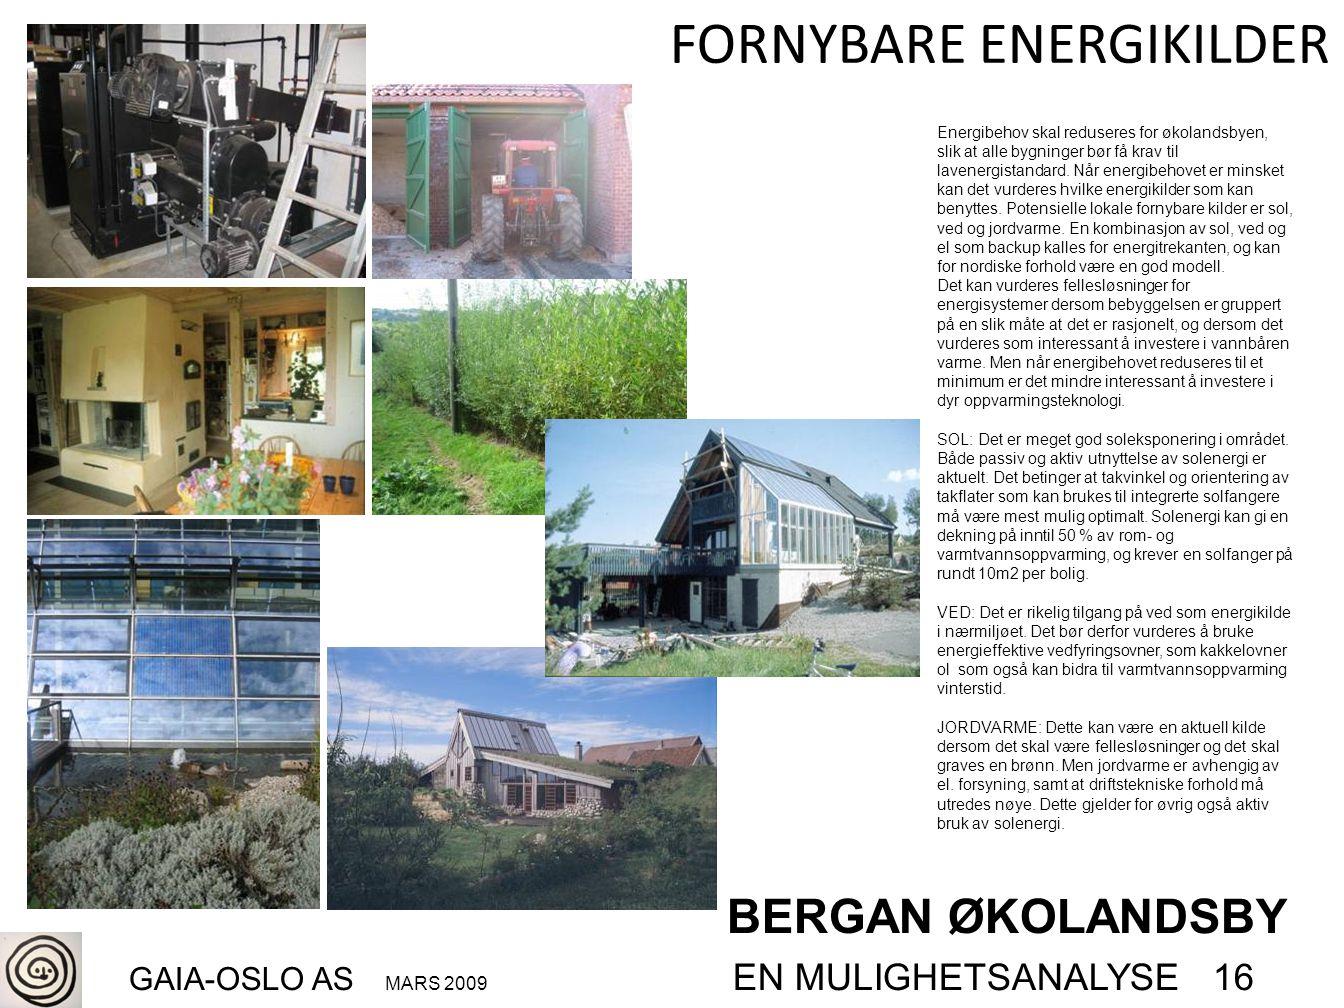 BERGAN ØKOLANDSBY GAIA-OSLO AS MARS 2009 EN MULIGHETSANALYSE 16 FORNYBARE ENERGIKILDER Energibehov skal reduseres for økolandsbyen, slik at alle bygni